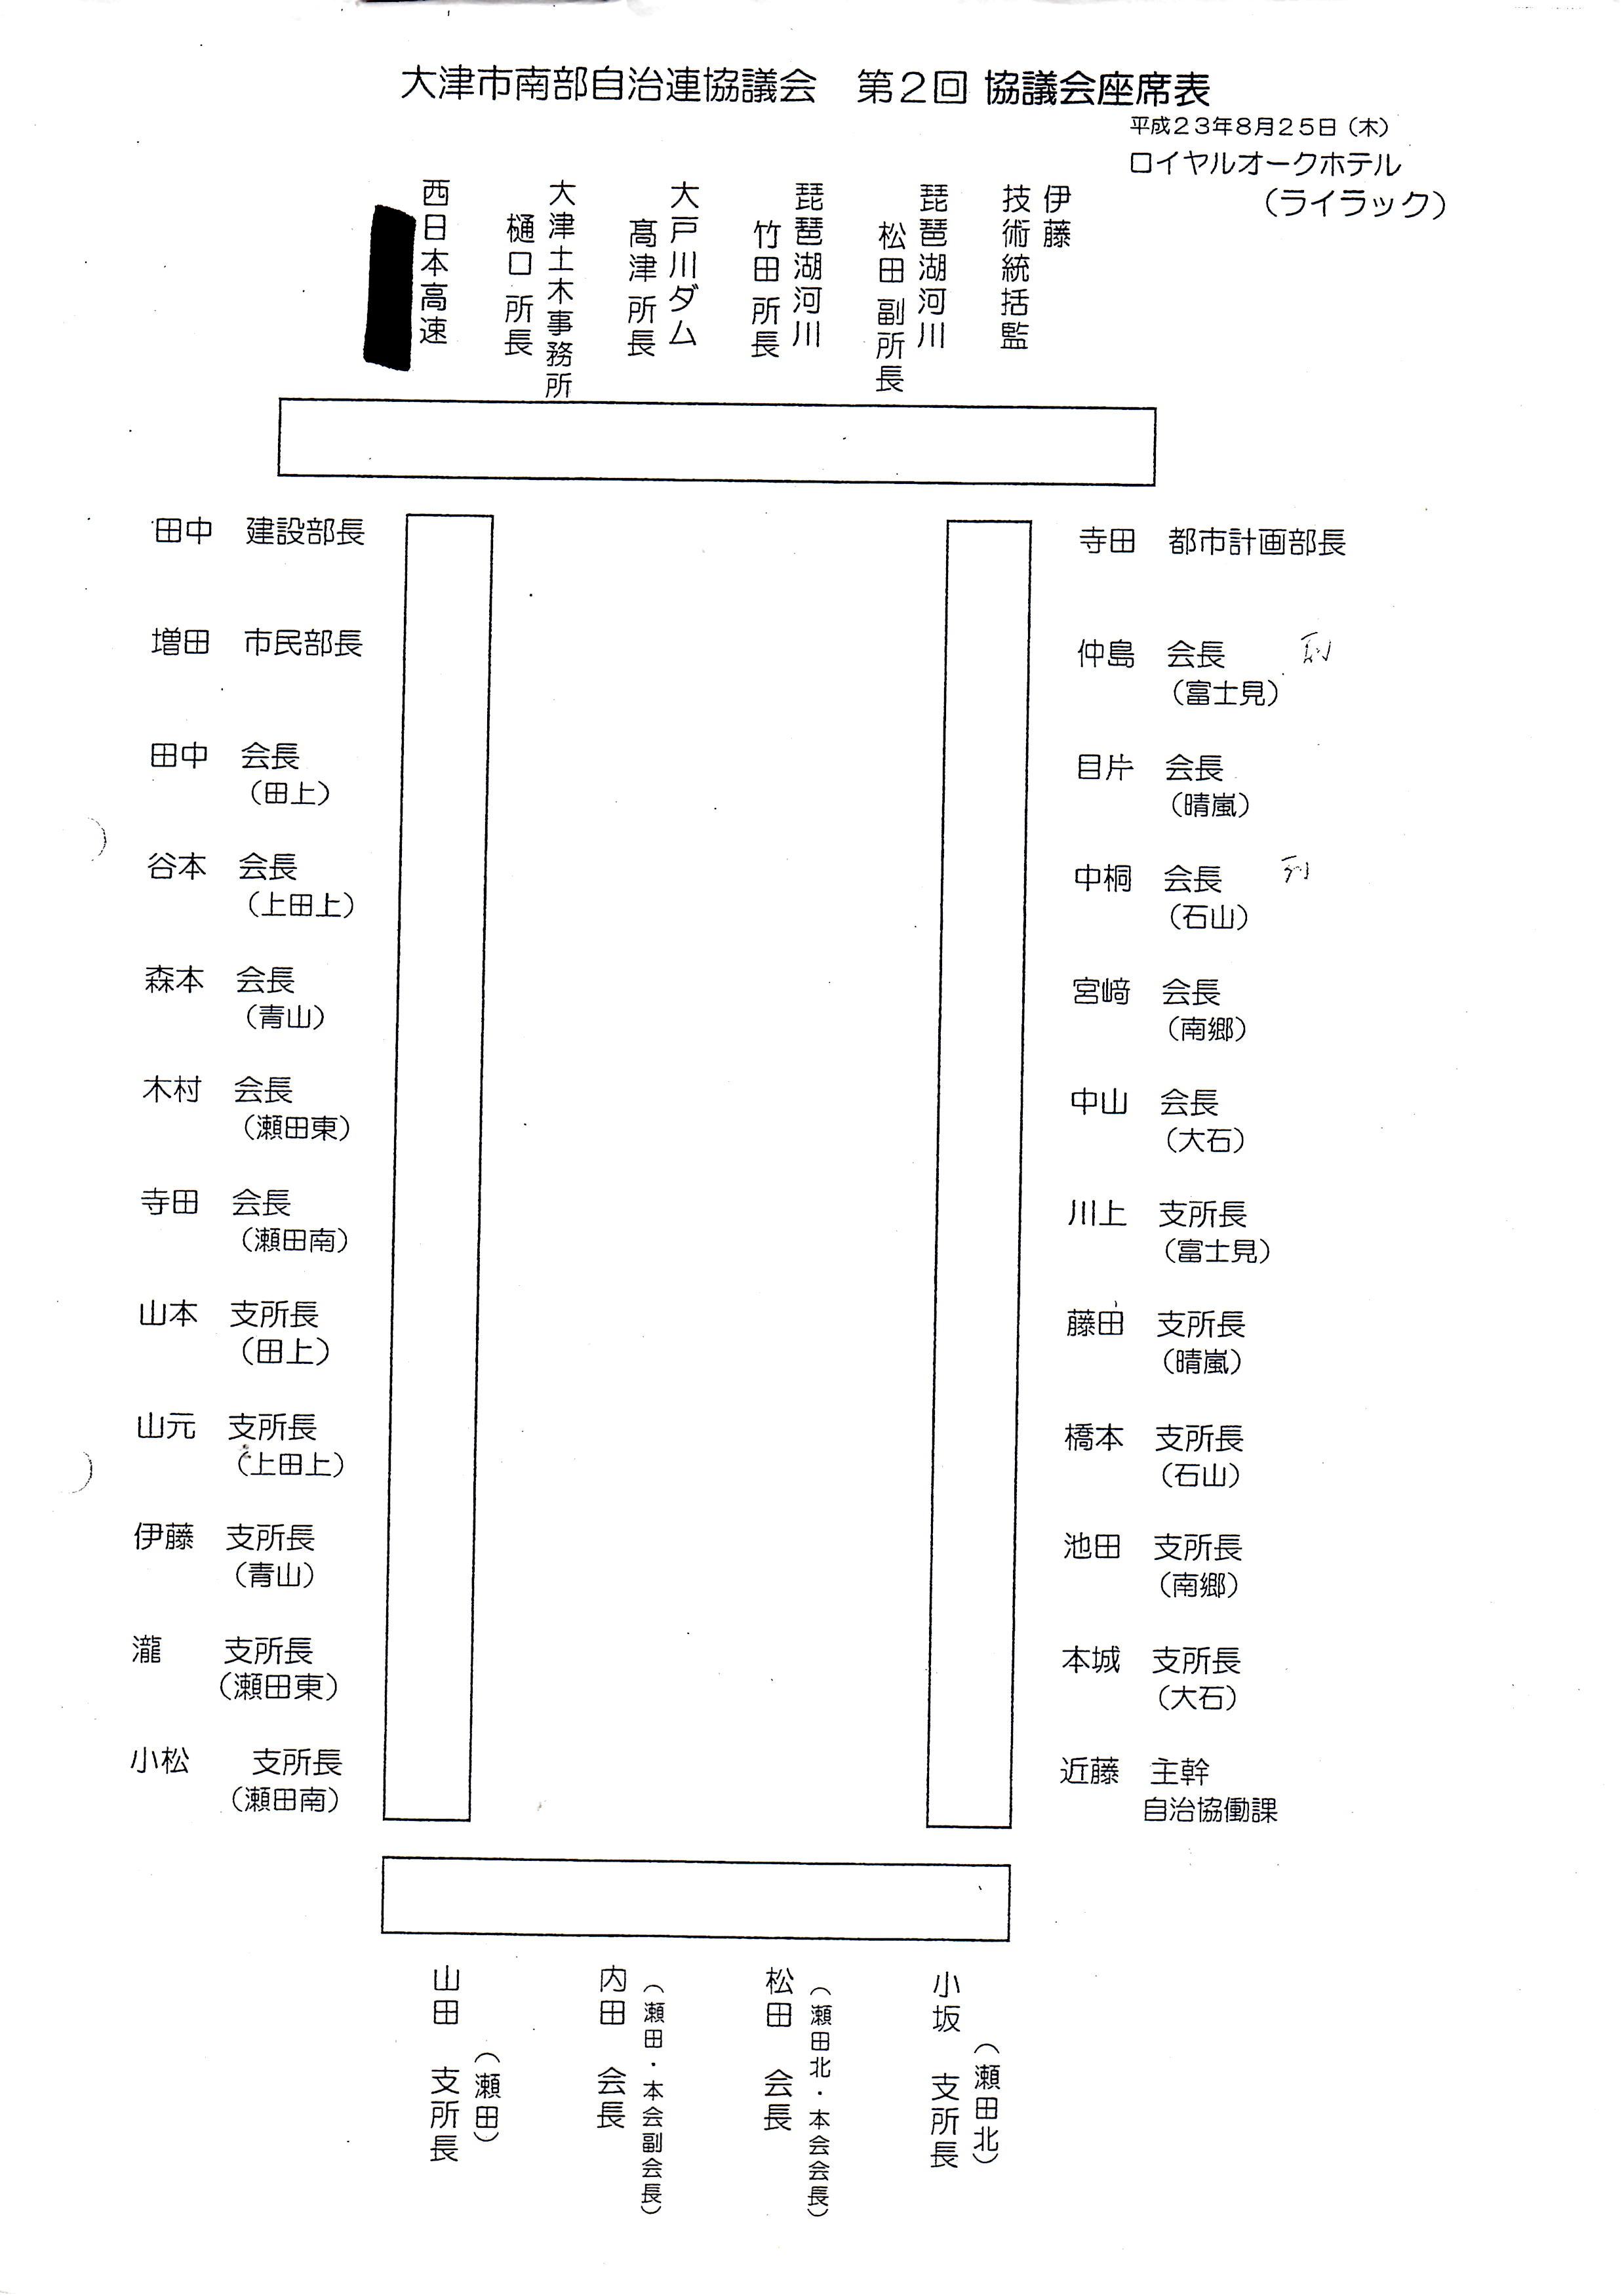 南部自治連/平成23年座席表